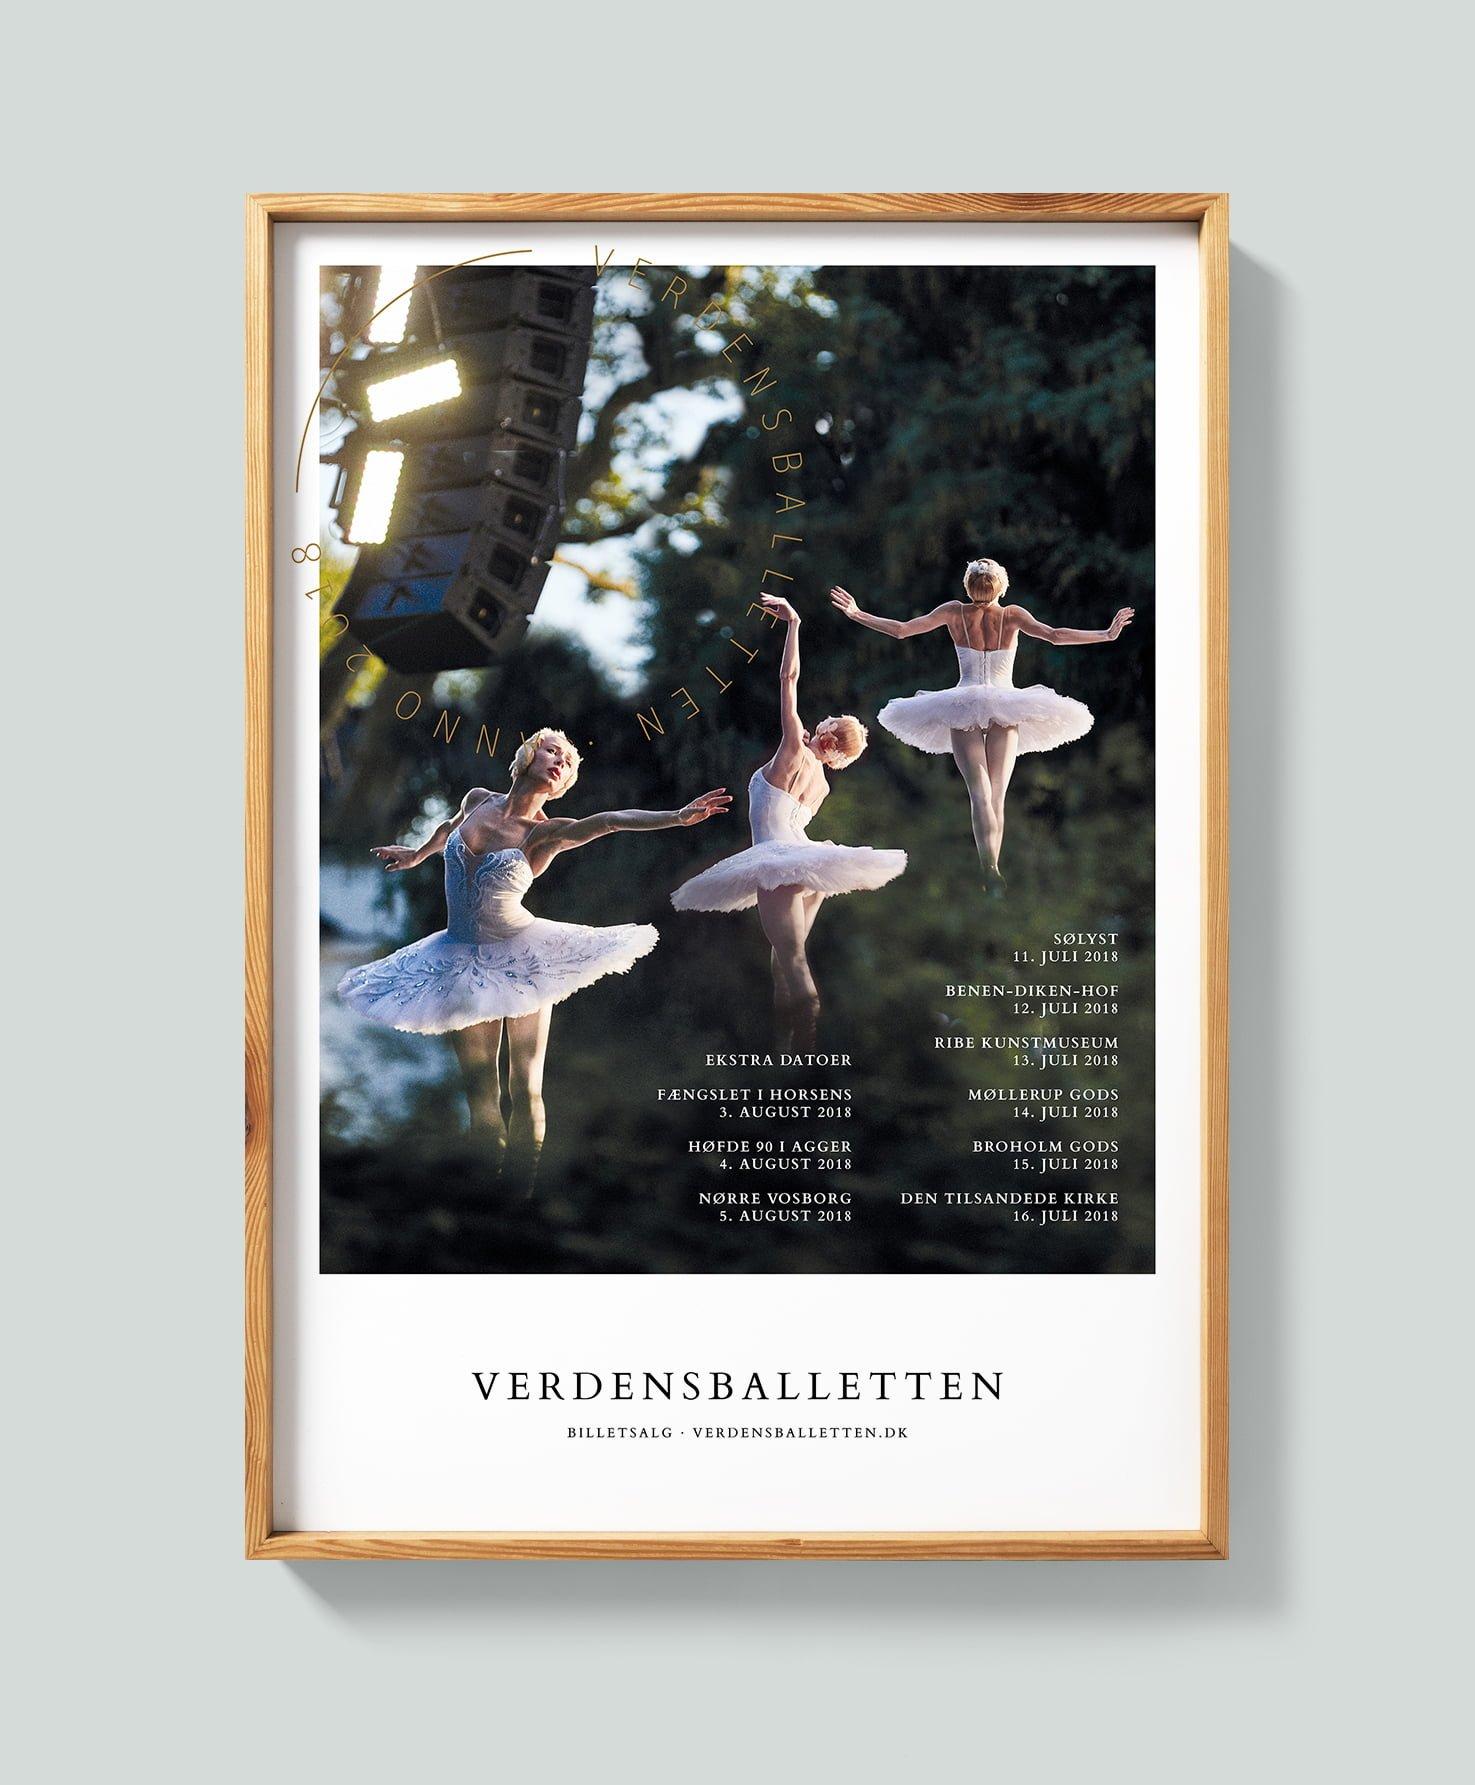 Verdensballetten_mockup poster_alle 2018 wood